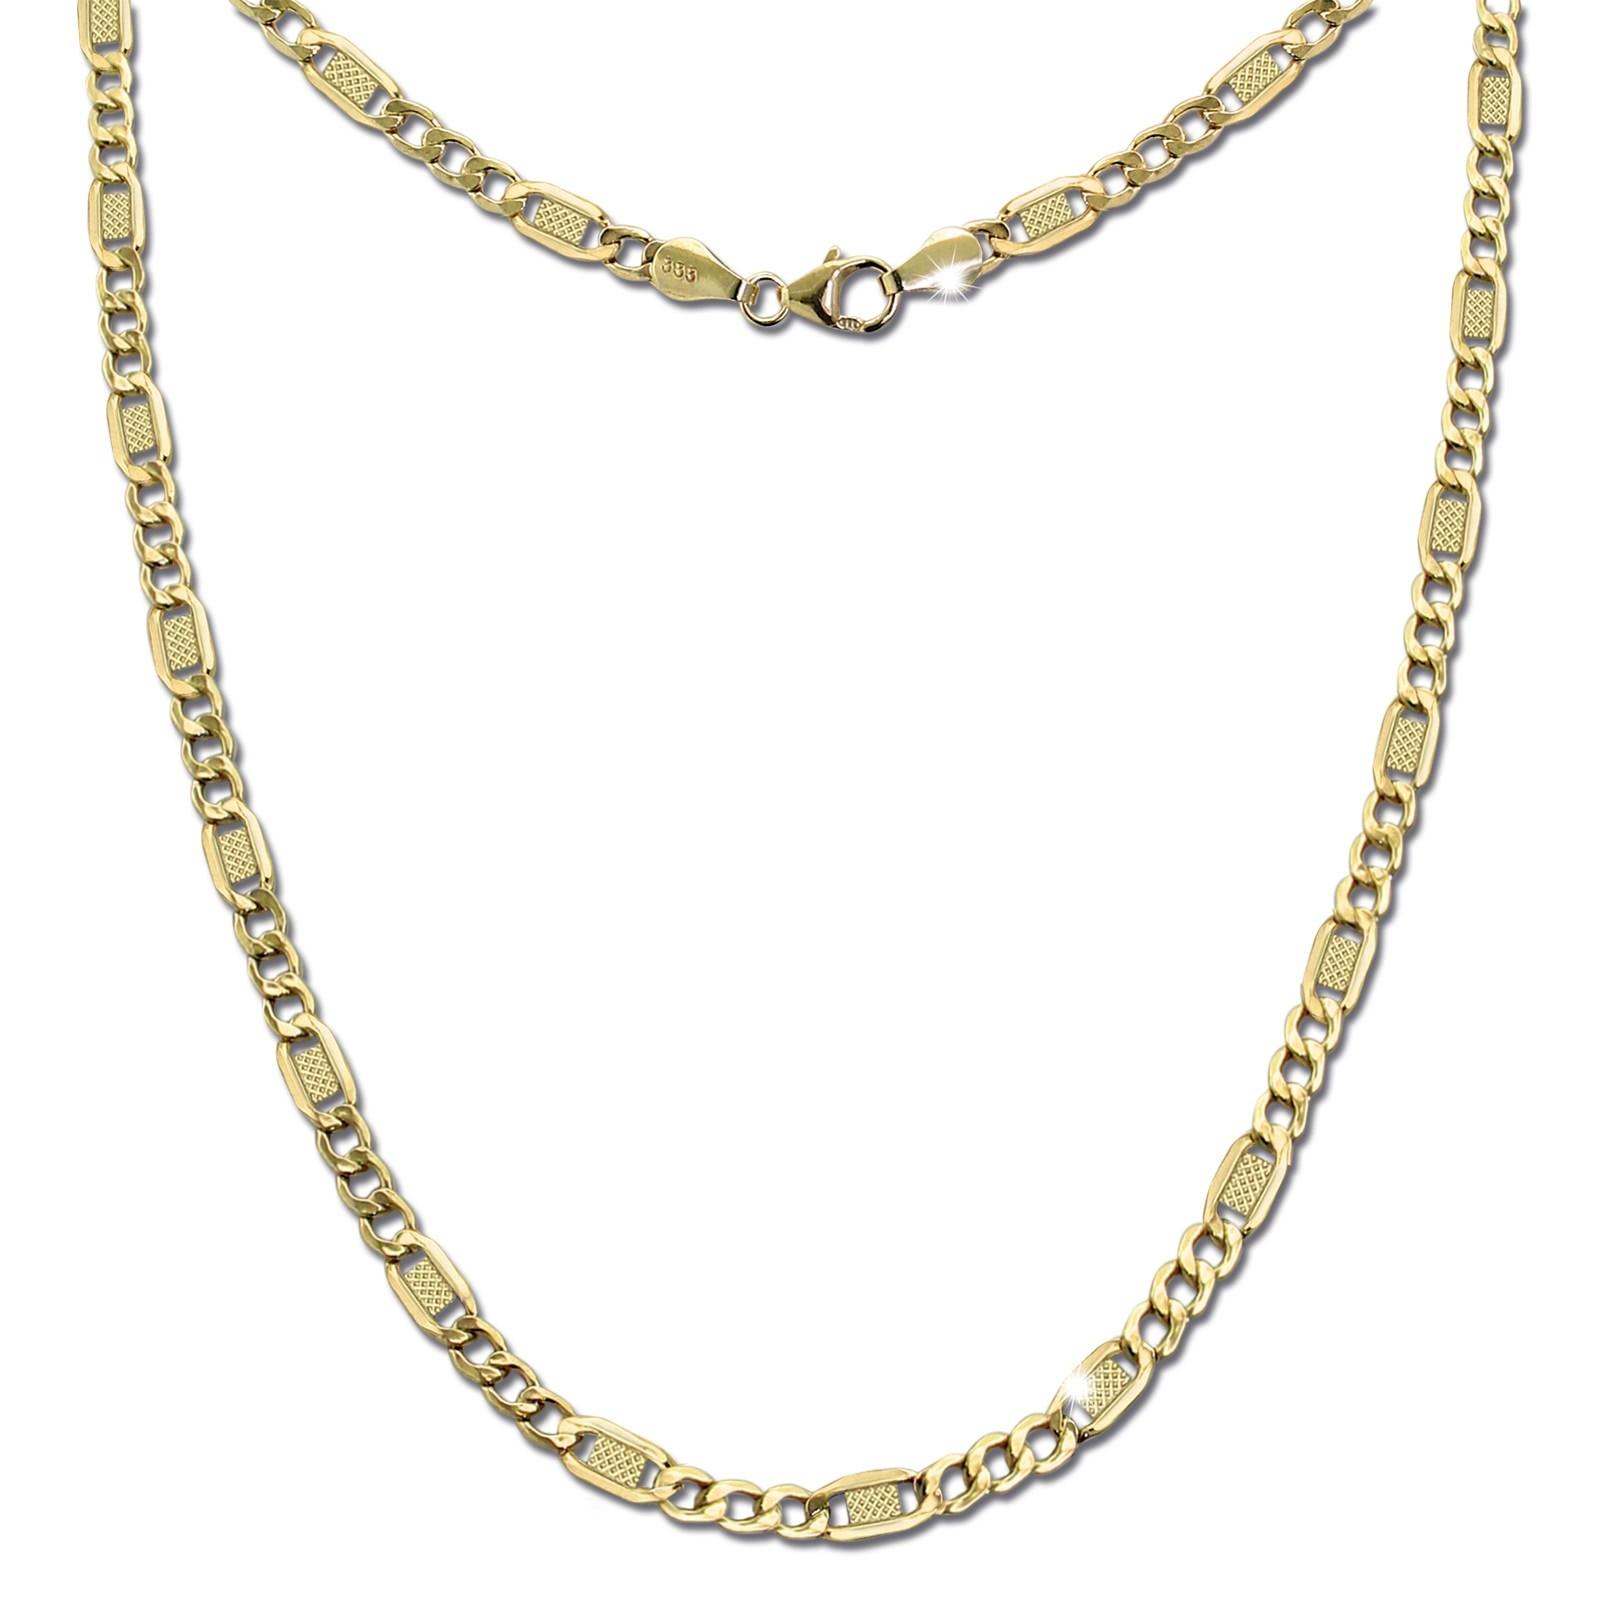 GoldDream Damen Colliers Halskette 50cm Gelbgold 8 Karat GDKB01050Y